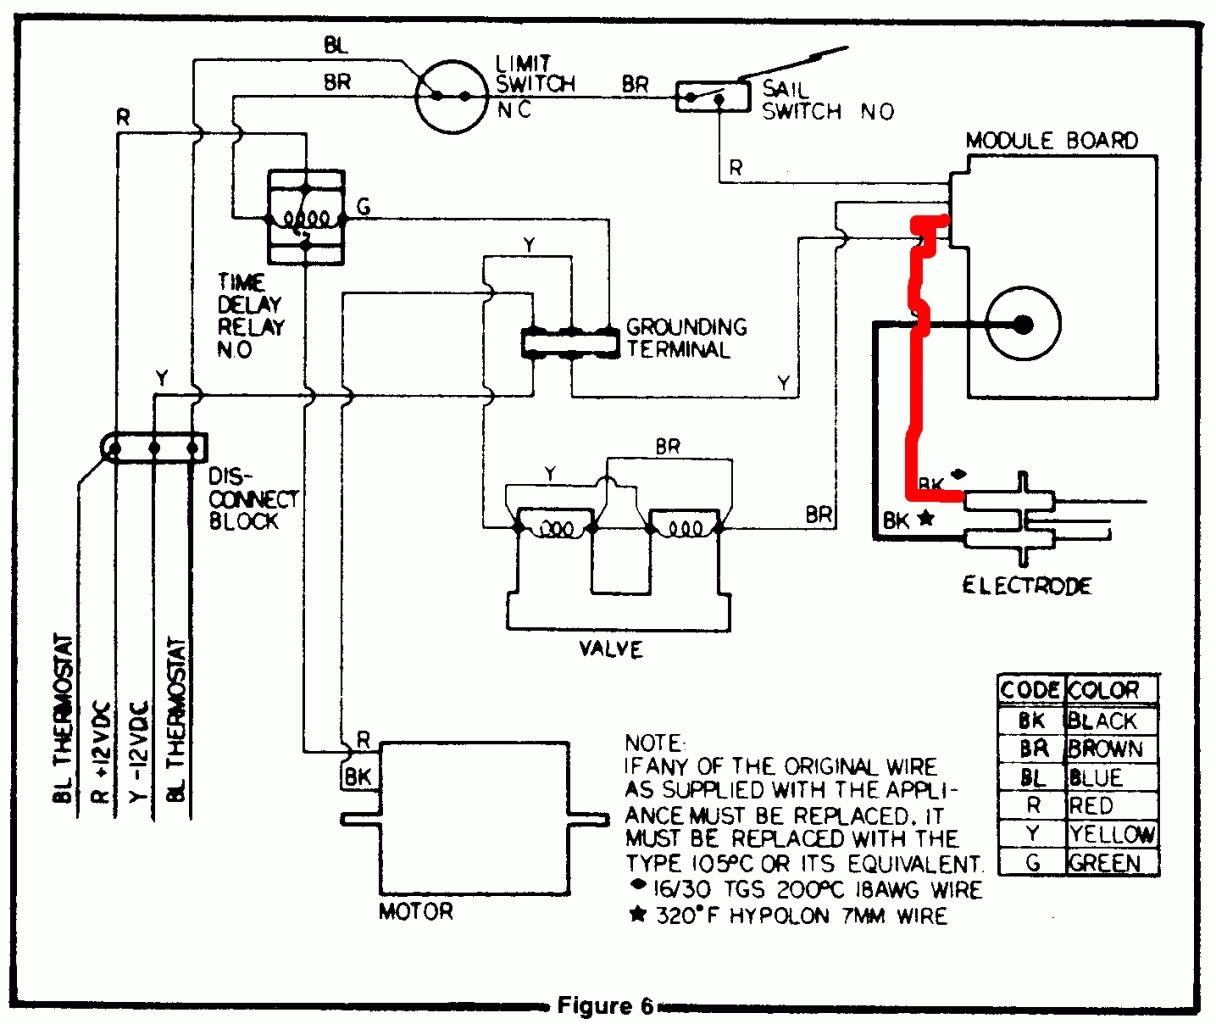 30 Rv Wiring Diagram Coleman Mach Thermostat | Manual E-Books - Coleman Mach Thermostat Wiring Diagram